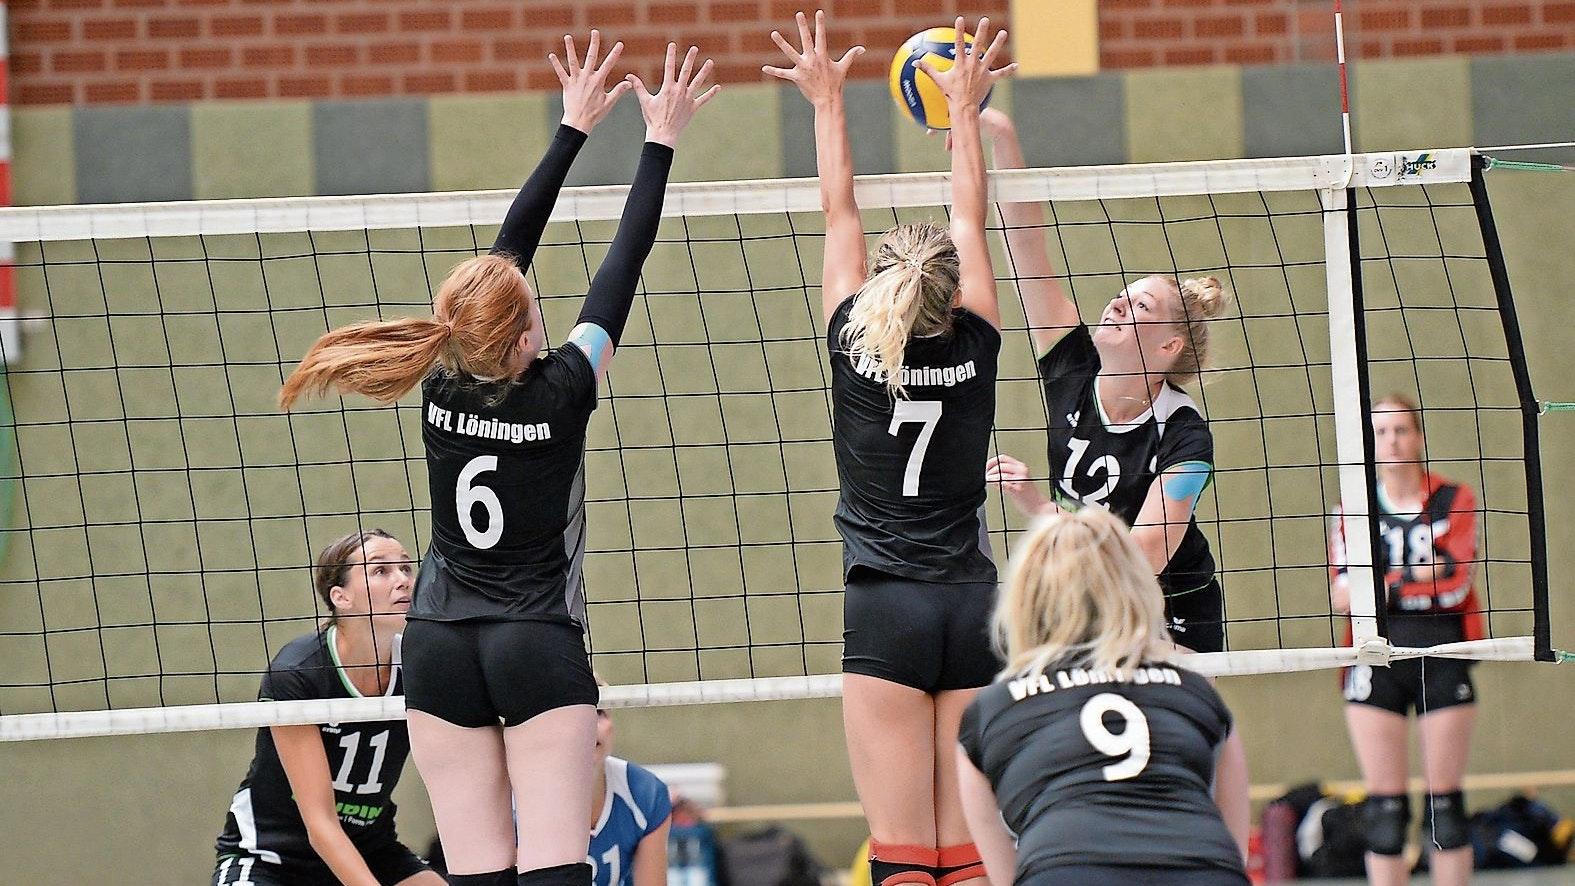 Derbyzeit: Die Volleyballerinnen des SV Cappeln (im Angriff) und des VfL Löningen treten in der kommenden Saison beide in der Verbandsliga 1 an und treffen damit in zwei Punktspielen aufeinander. Foto: Langosch